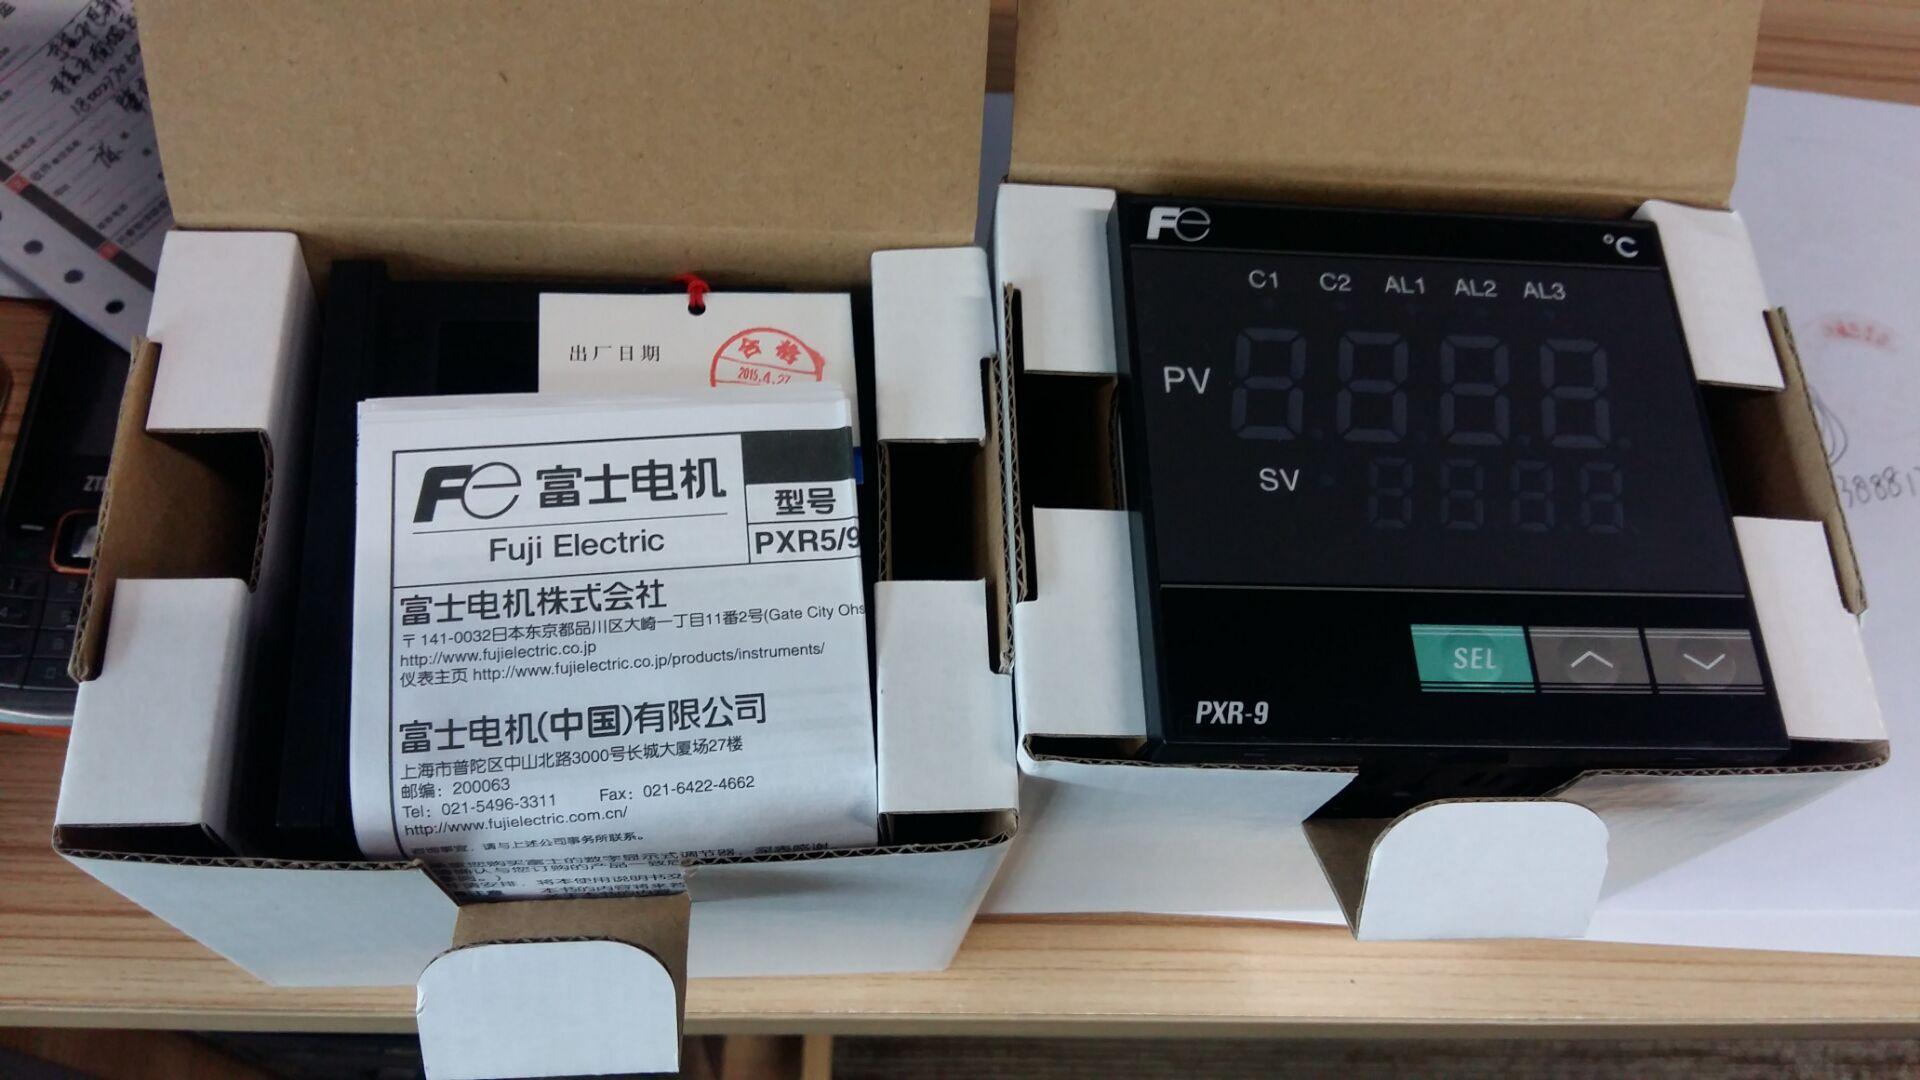 到货日本富士fuji温控仪pxr97cyi-8w000